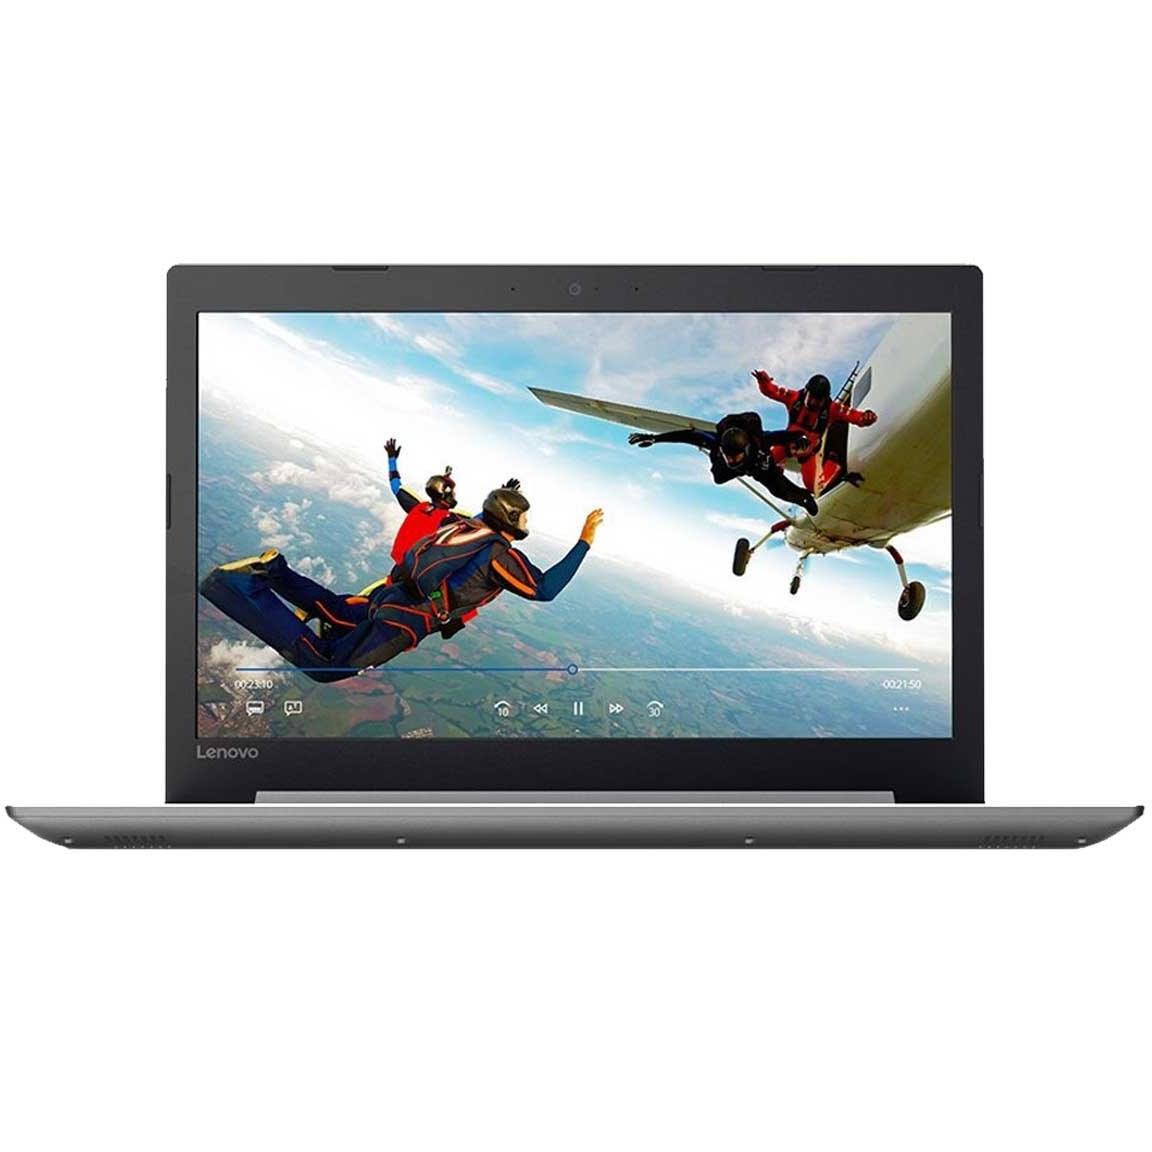 لپ تاپ 15.6 اینچی لنوو IP330S مشخصات I7(8550U)/8GB/1TB/R5 M535 2G |